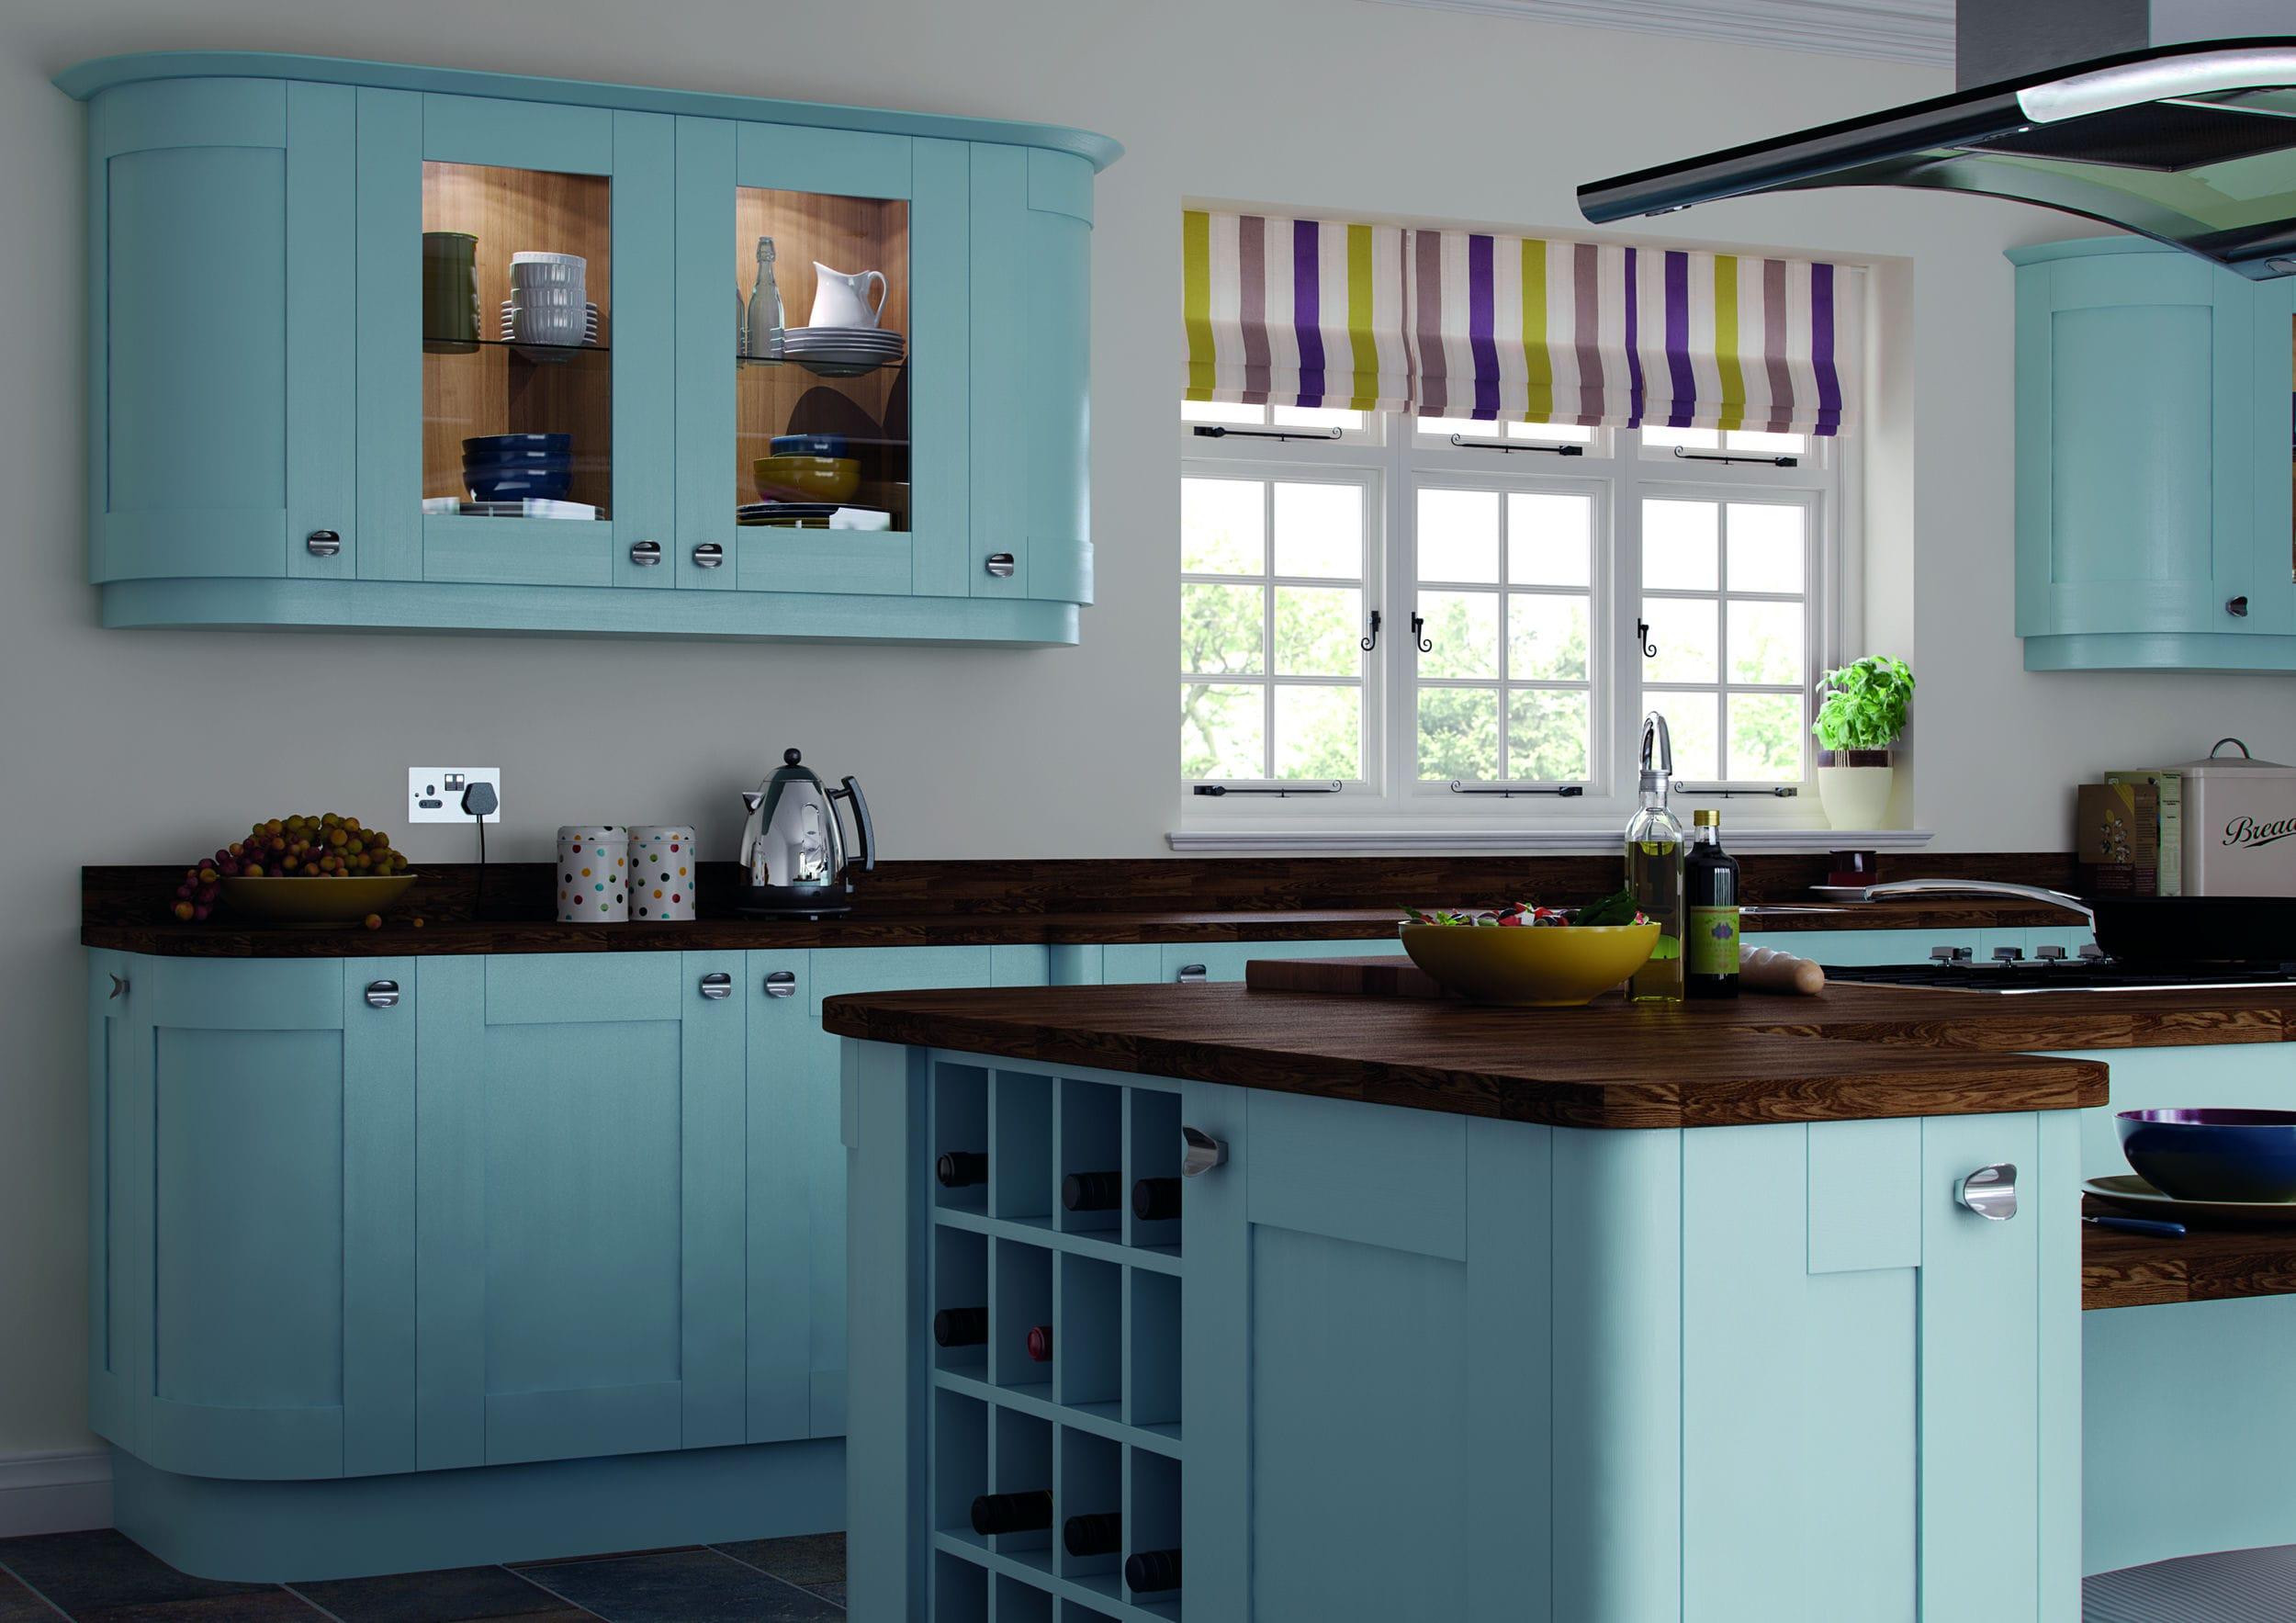 7 reasons to buy kitchen cabinet doors rather than a new kitchen kitchen cabinet doors replacement New kitchen doors